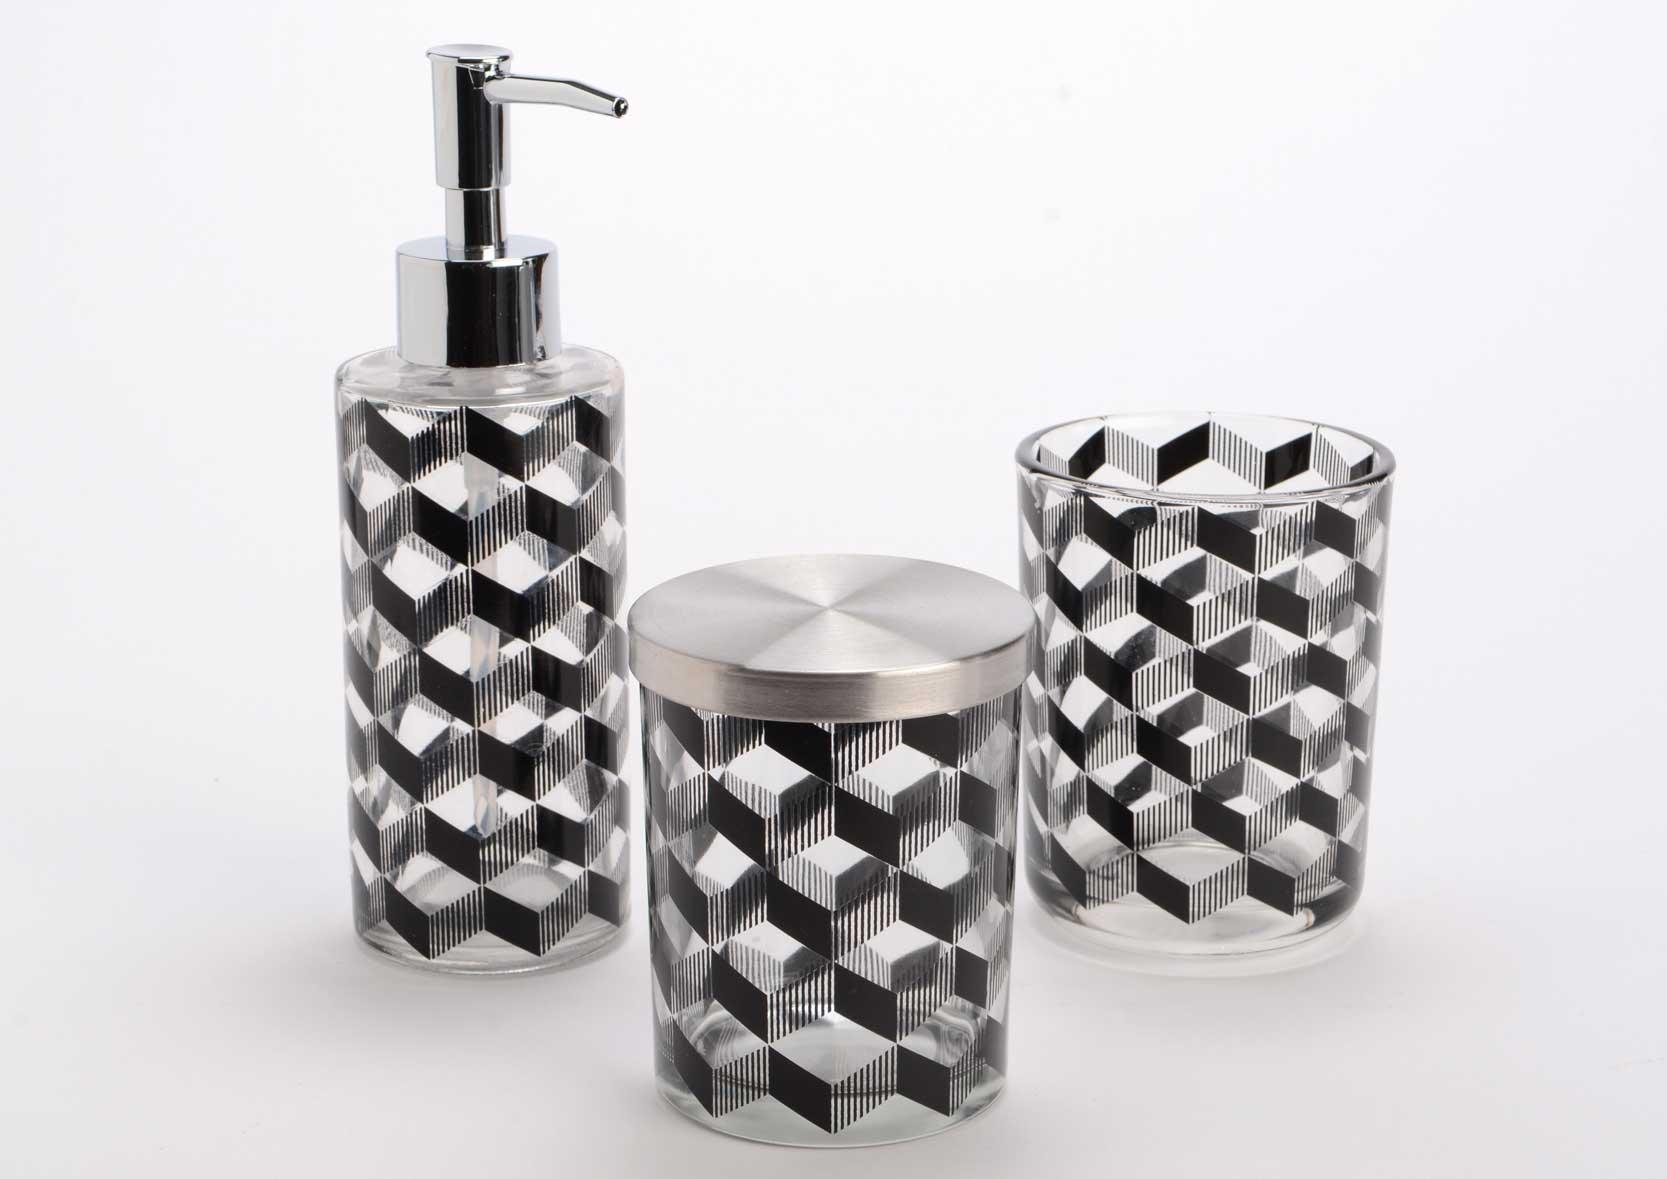 Coffret 3 accessoires salle de bain noir accessoire de salle de bains set amadeus - Accessoire salle de bain noir ...